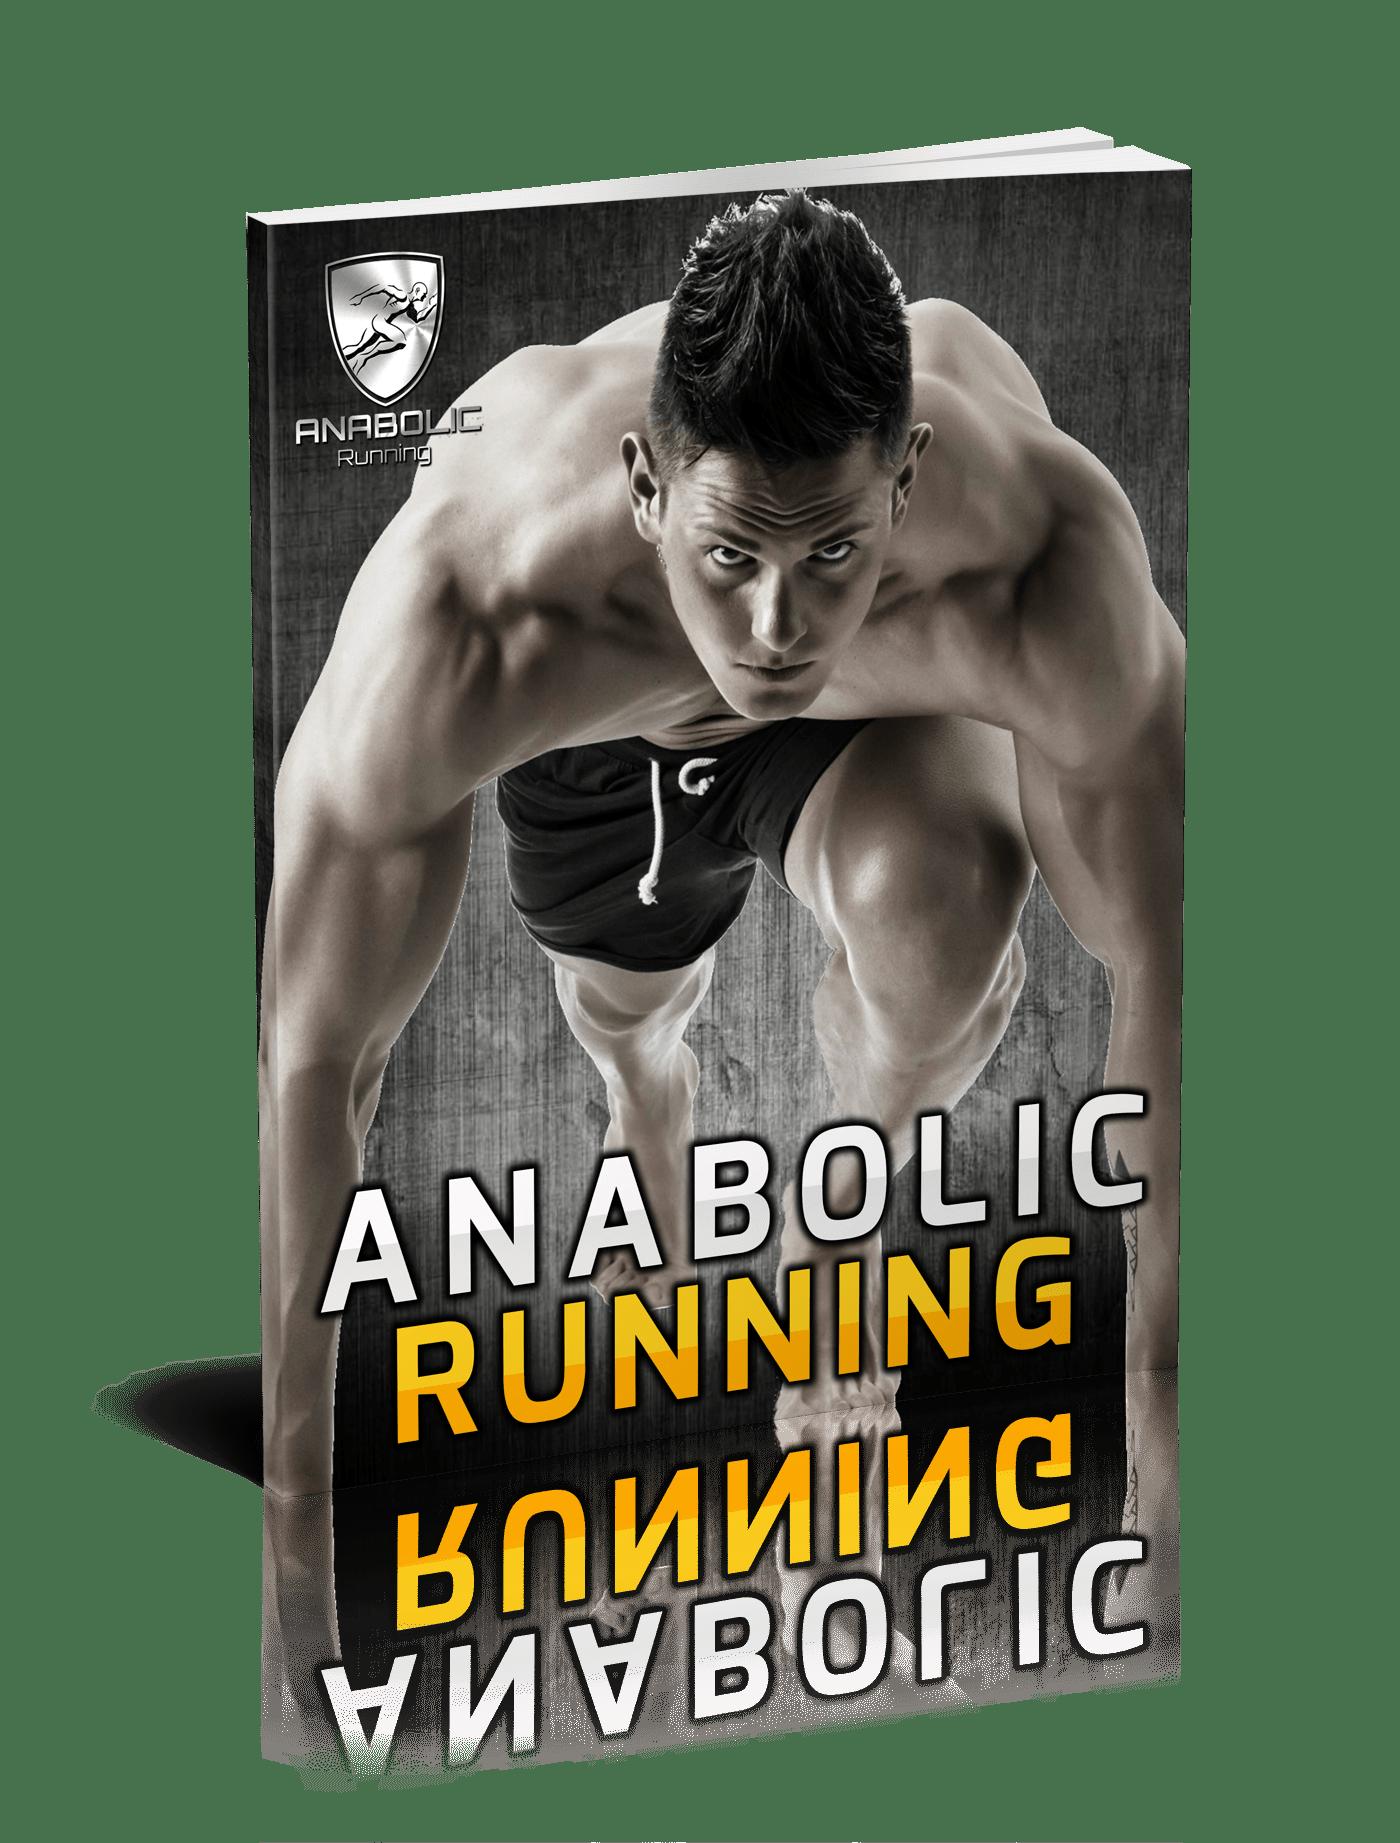 Anabolic Running Joe LoGalbo